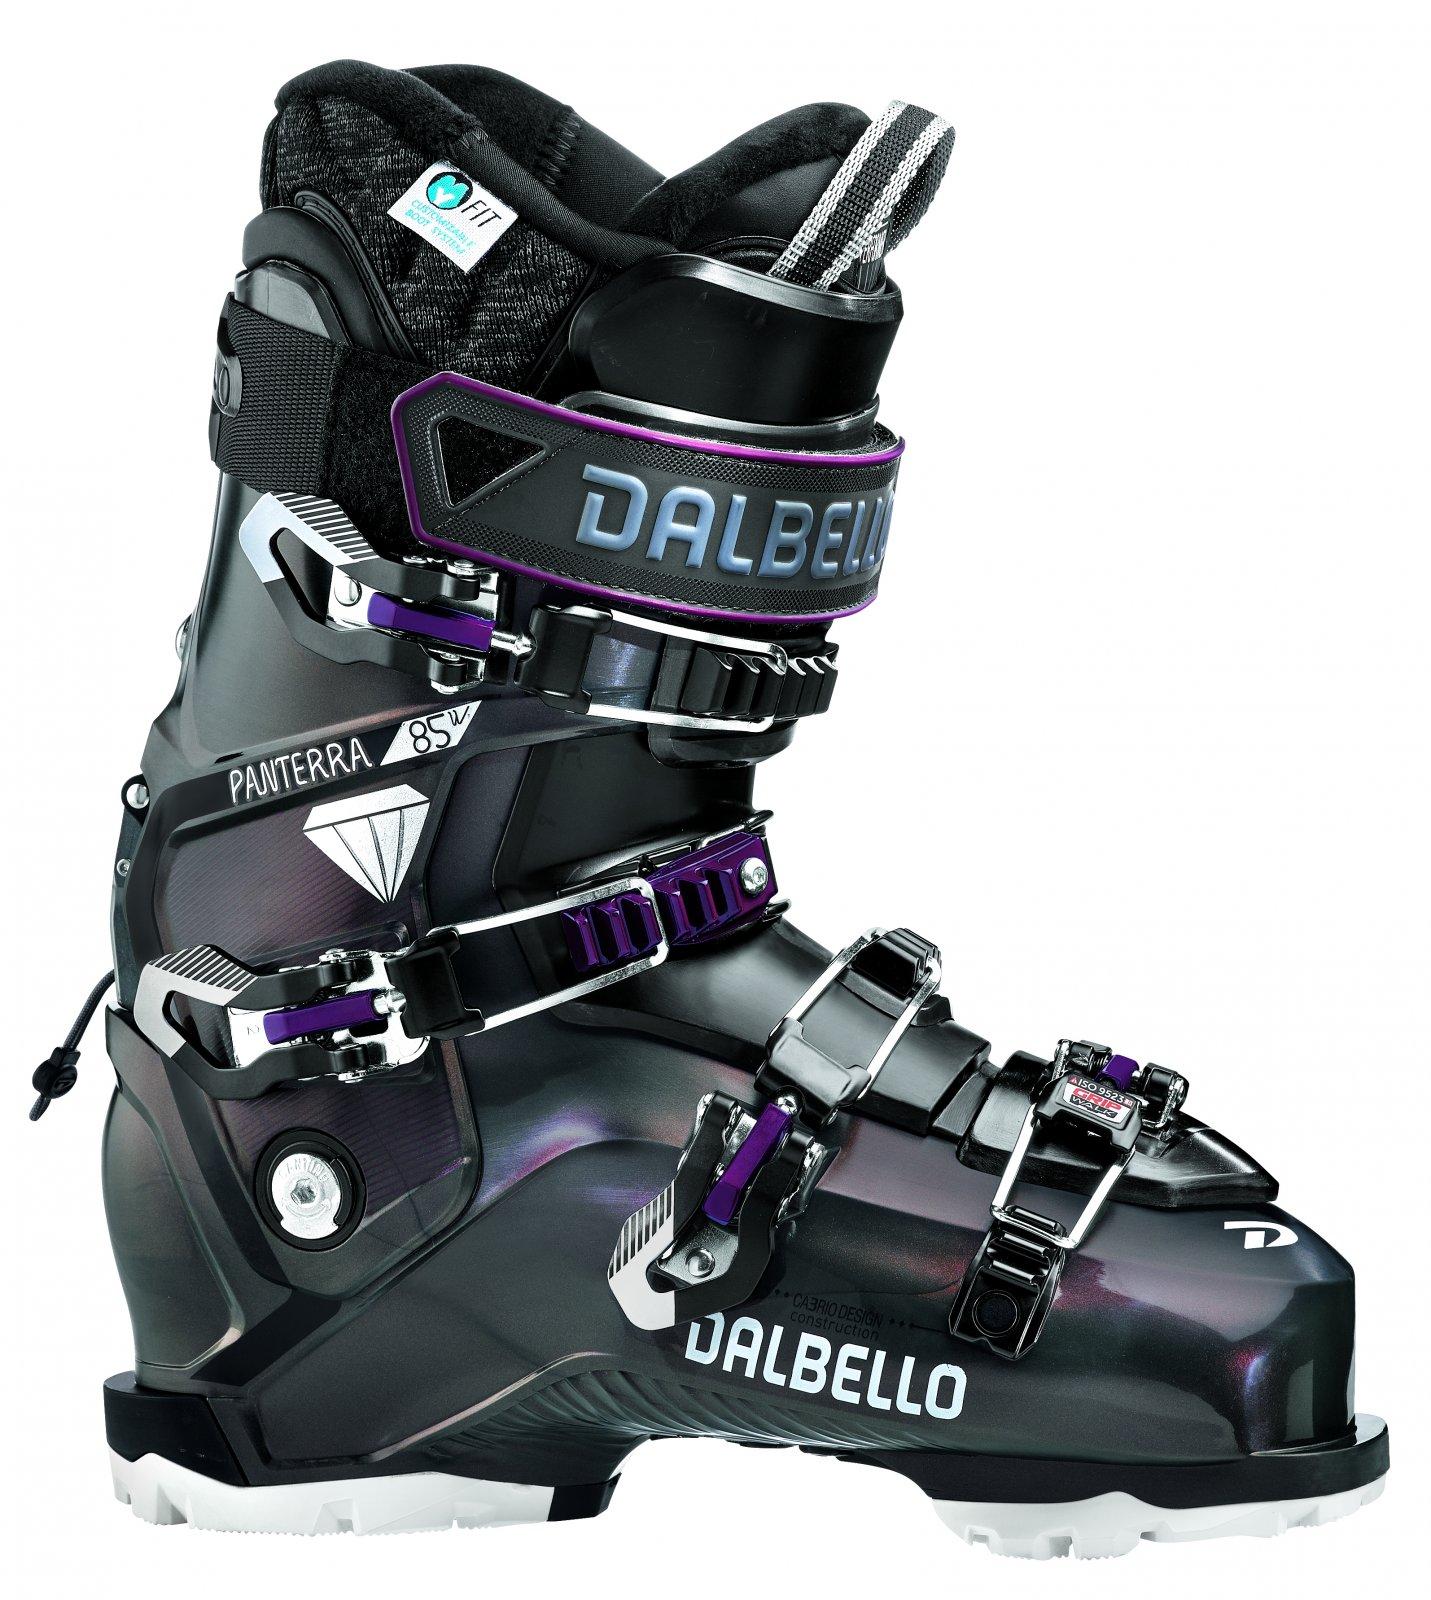 Dalbello Panterra 85 W GW Ski Boots 2020